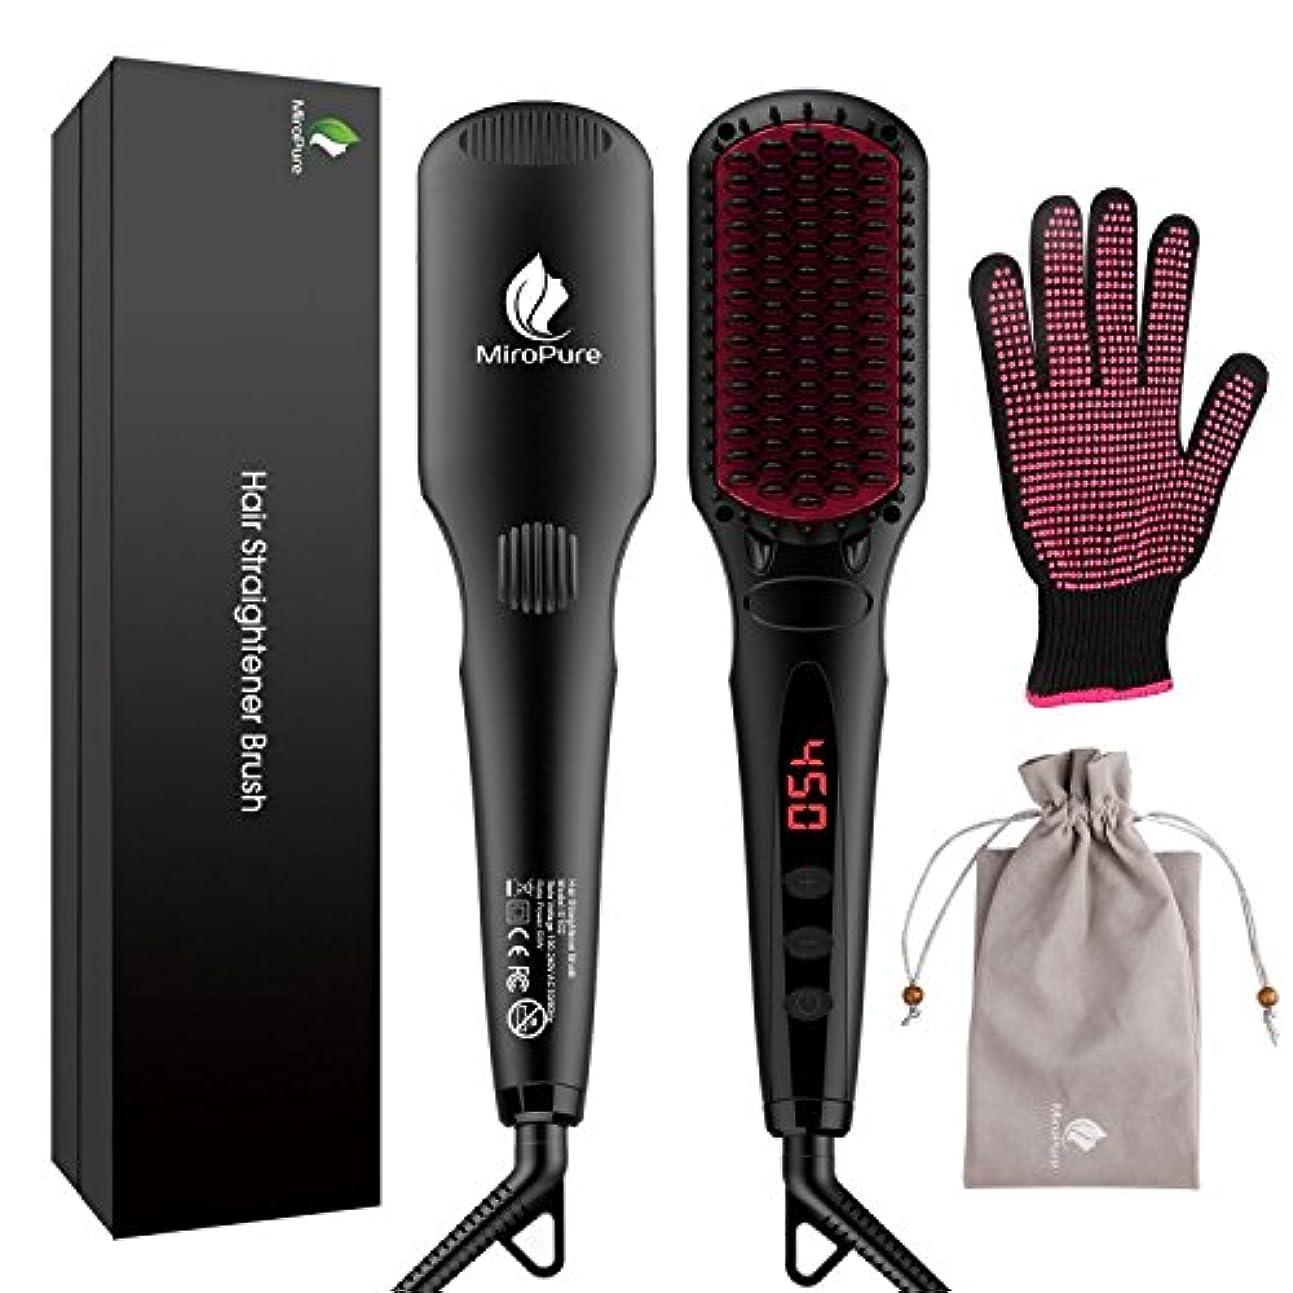 ずんぐりした思春期のネクタイMiroPure 2 in 1 Ionic Hair Straightener Brush ヘアストレートヘアブラシ with Heat Resistant Glove and Temperature Lock Function...